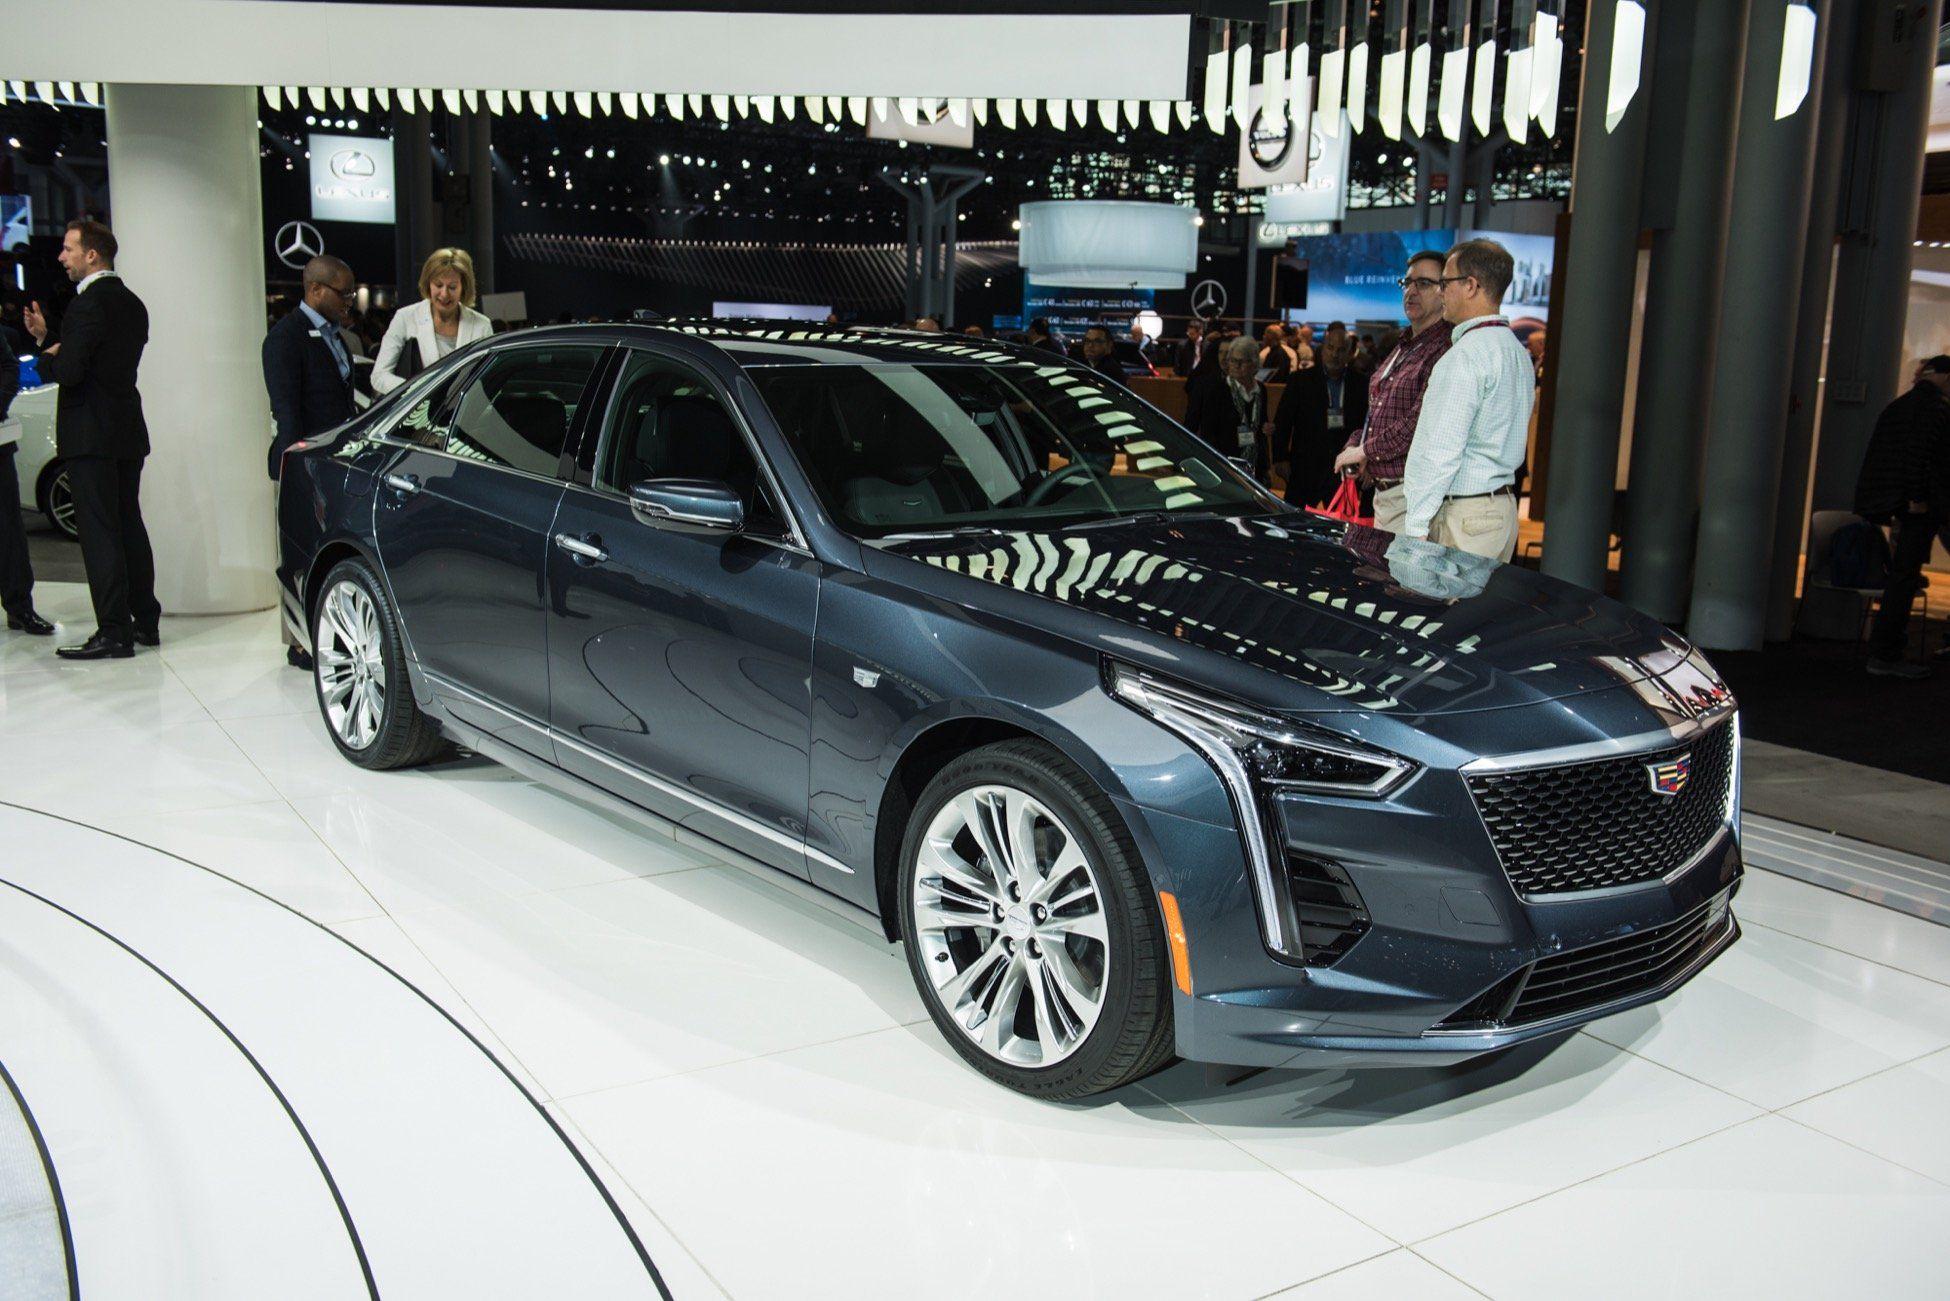 Pin On Cadillac Cars